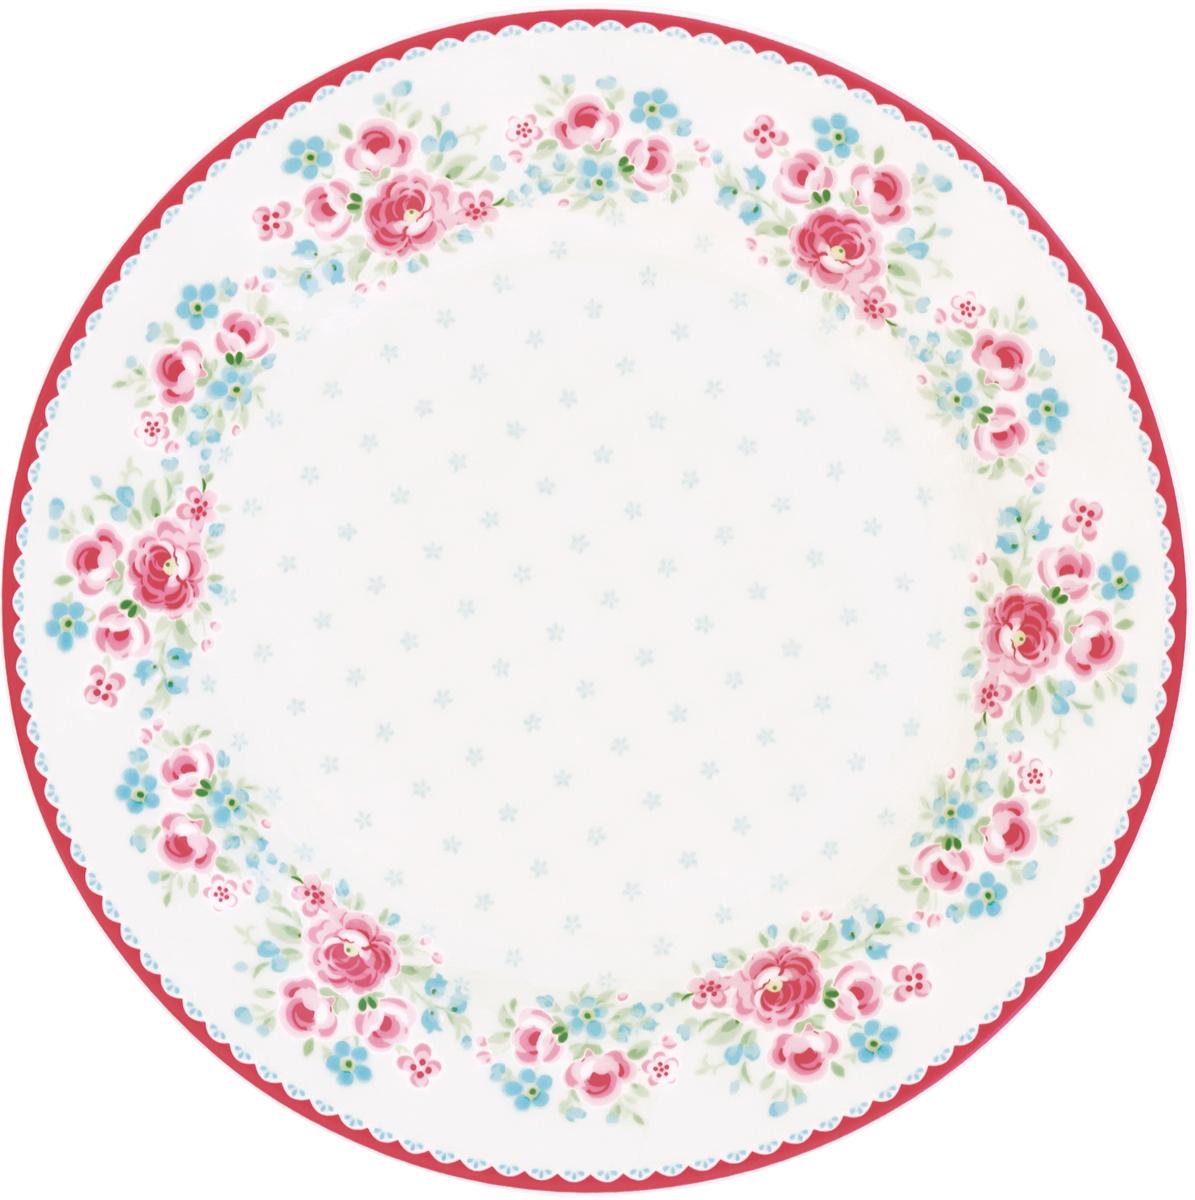 Тарелка Tess white, диаметр 20,5 смSTWPLATES0106GreenGate- это широко известная во всем мире компания, которая с 2001 года производит потрясающую по красотеколлекционнуюфарфоровую посуду.